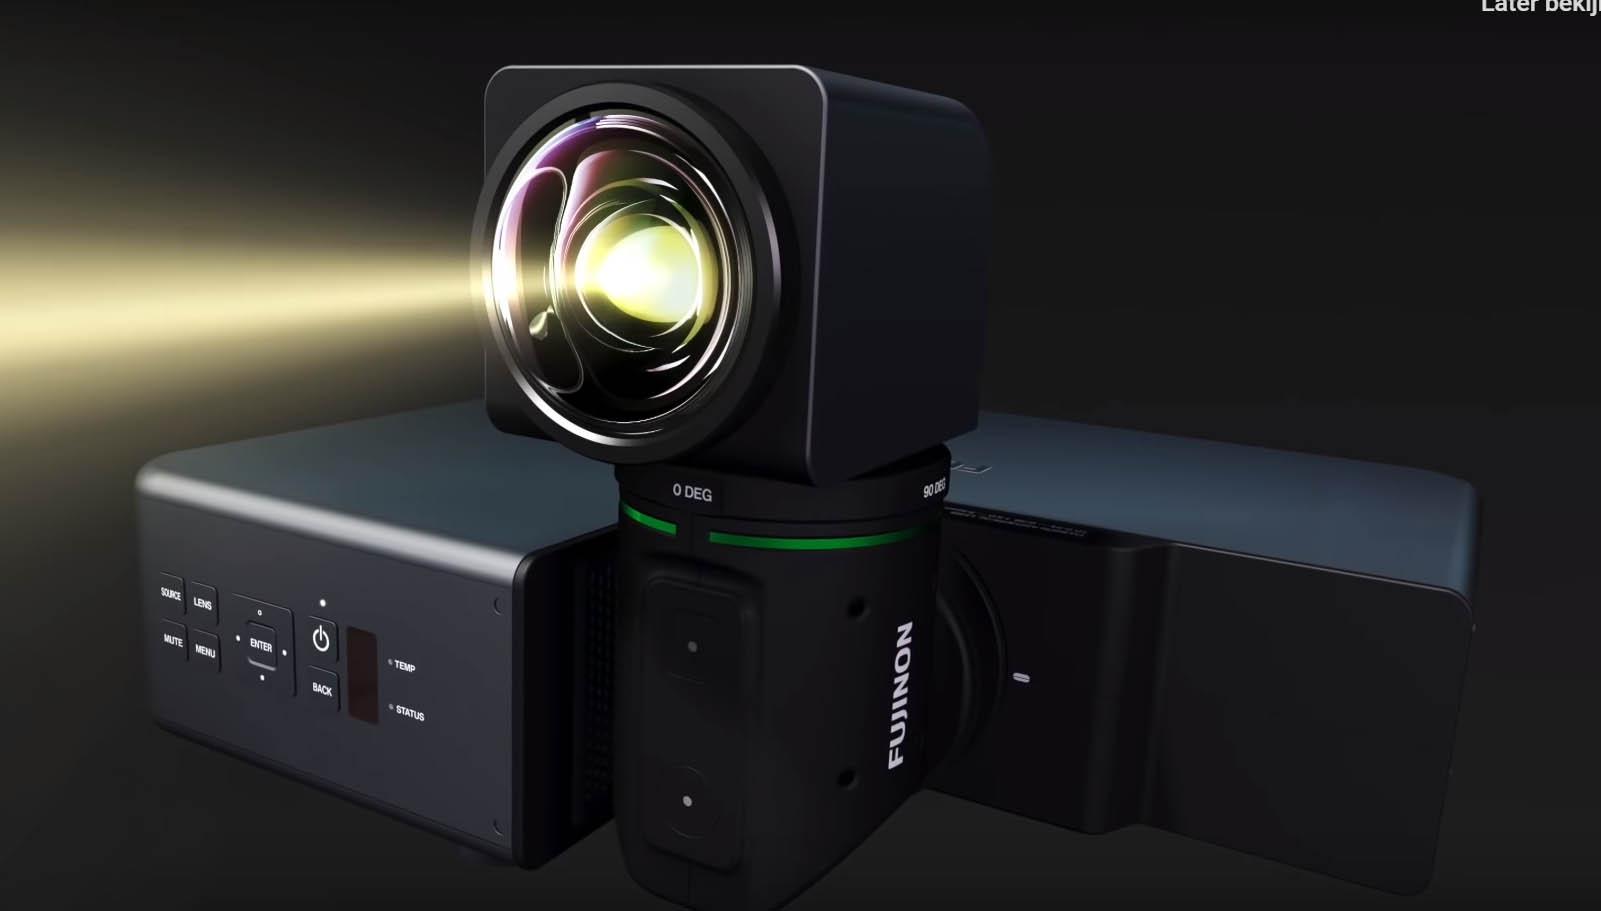 Fujifilm beamer roterende lens